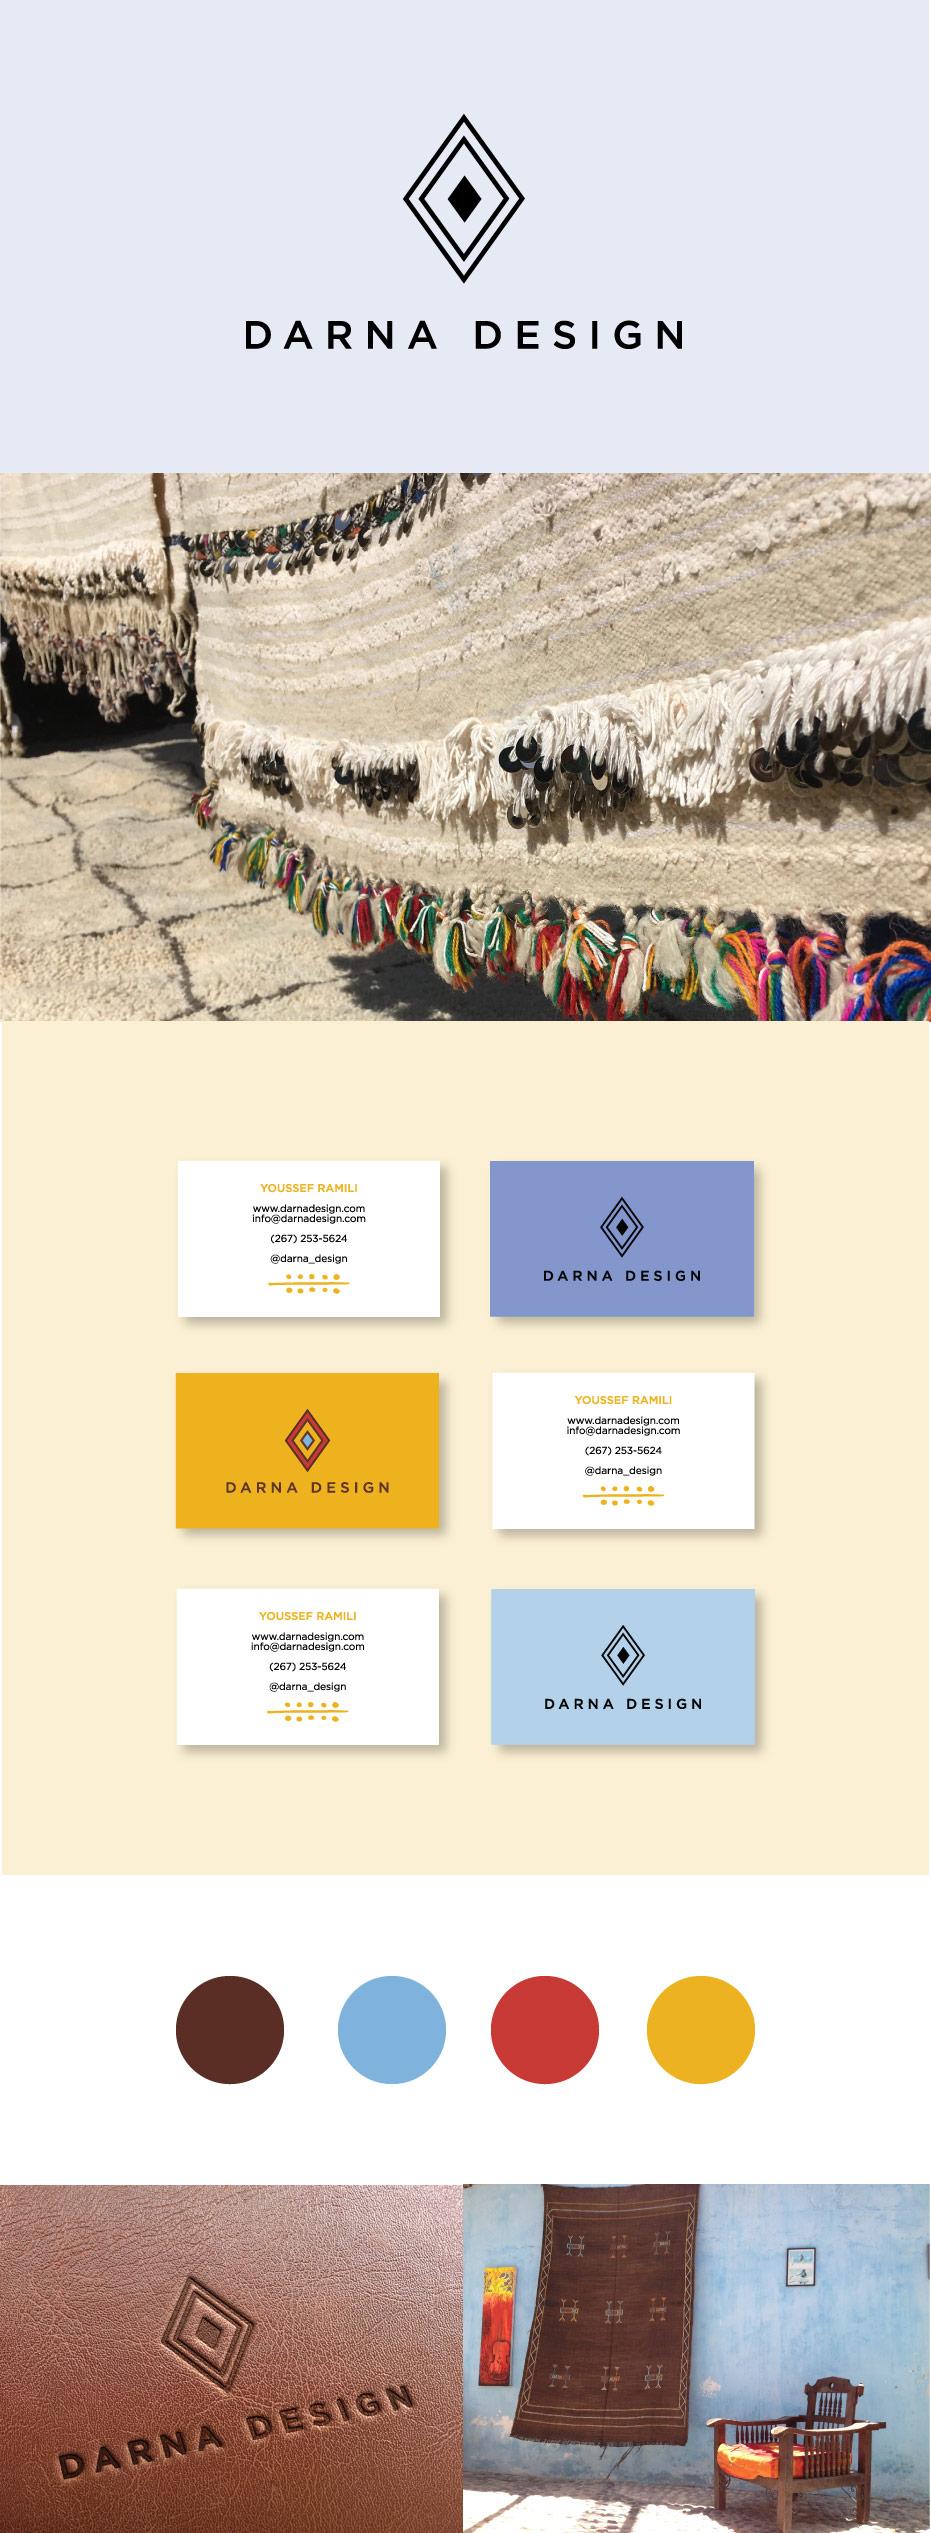 home-goods-brand-design.jpg